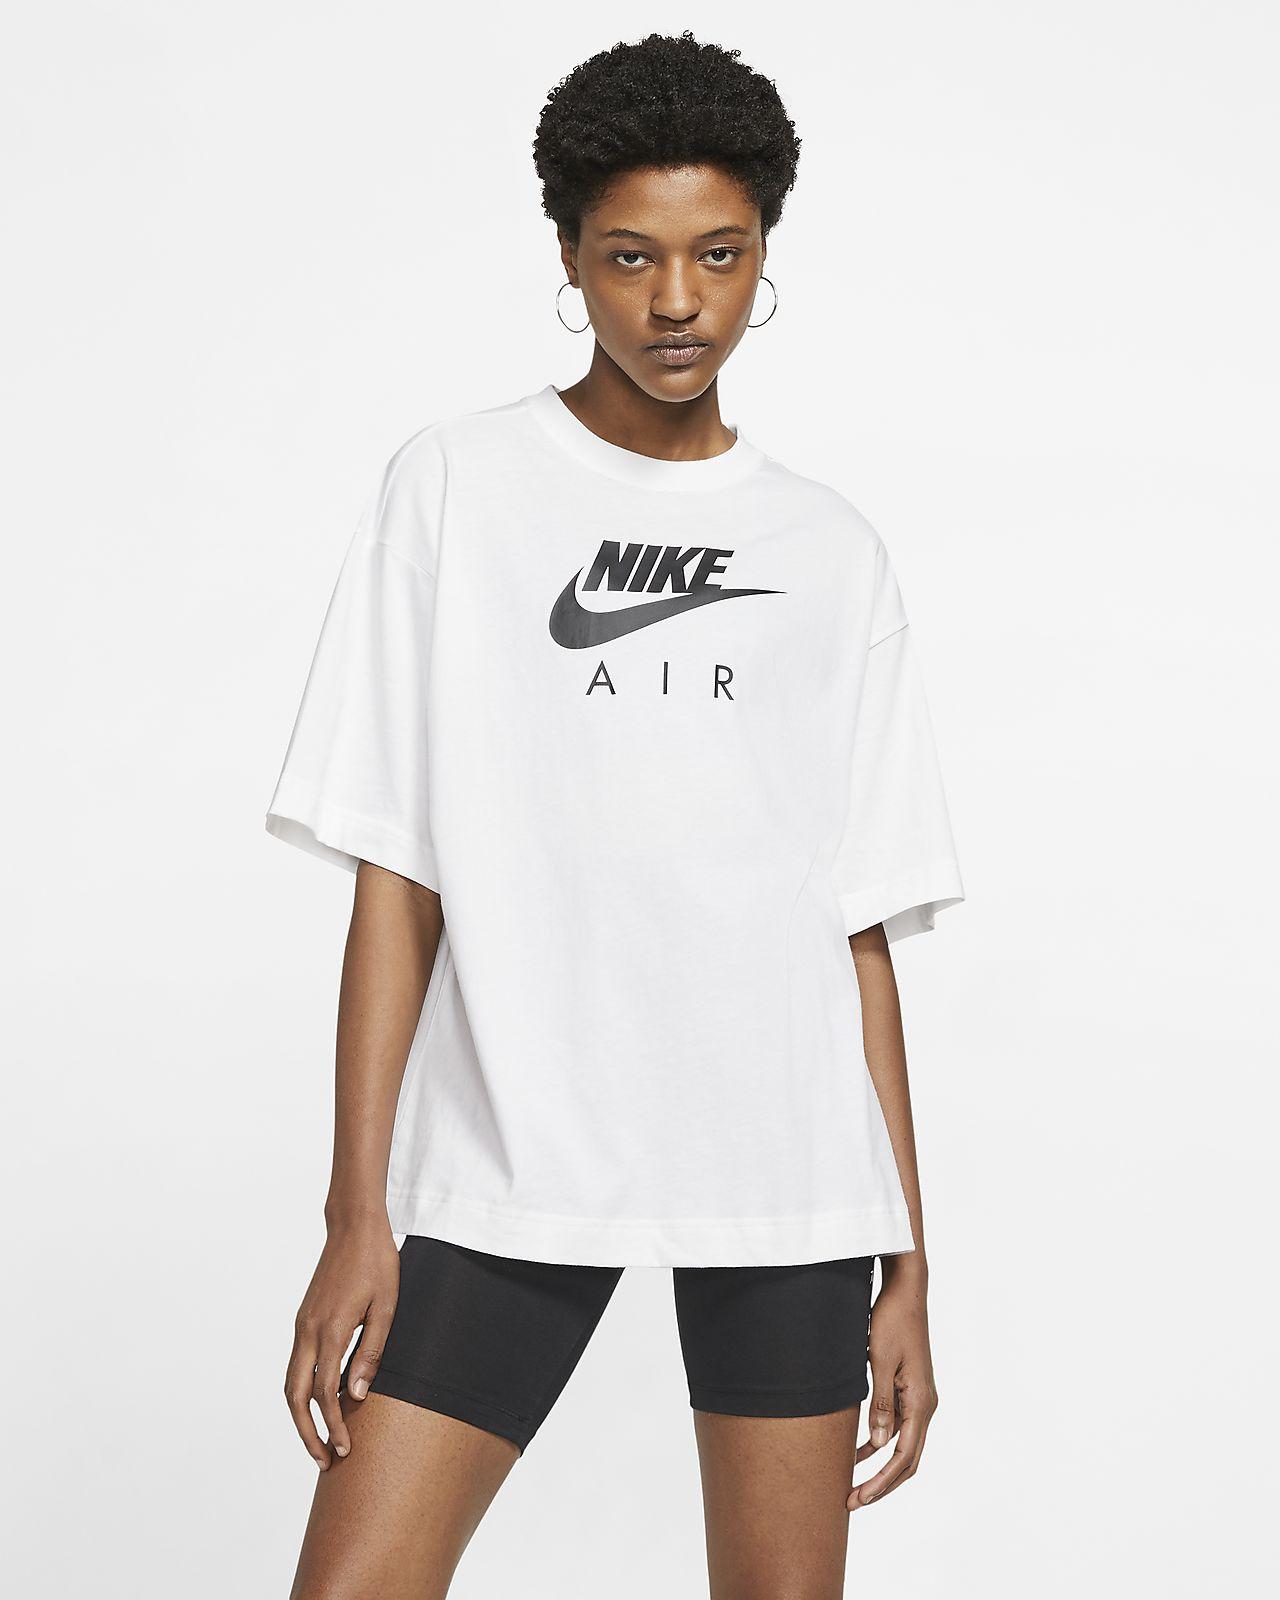 Dámské tričko Nike Air s krátkým rukávem